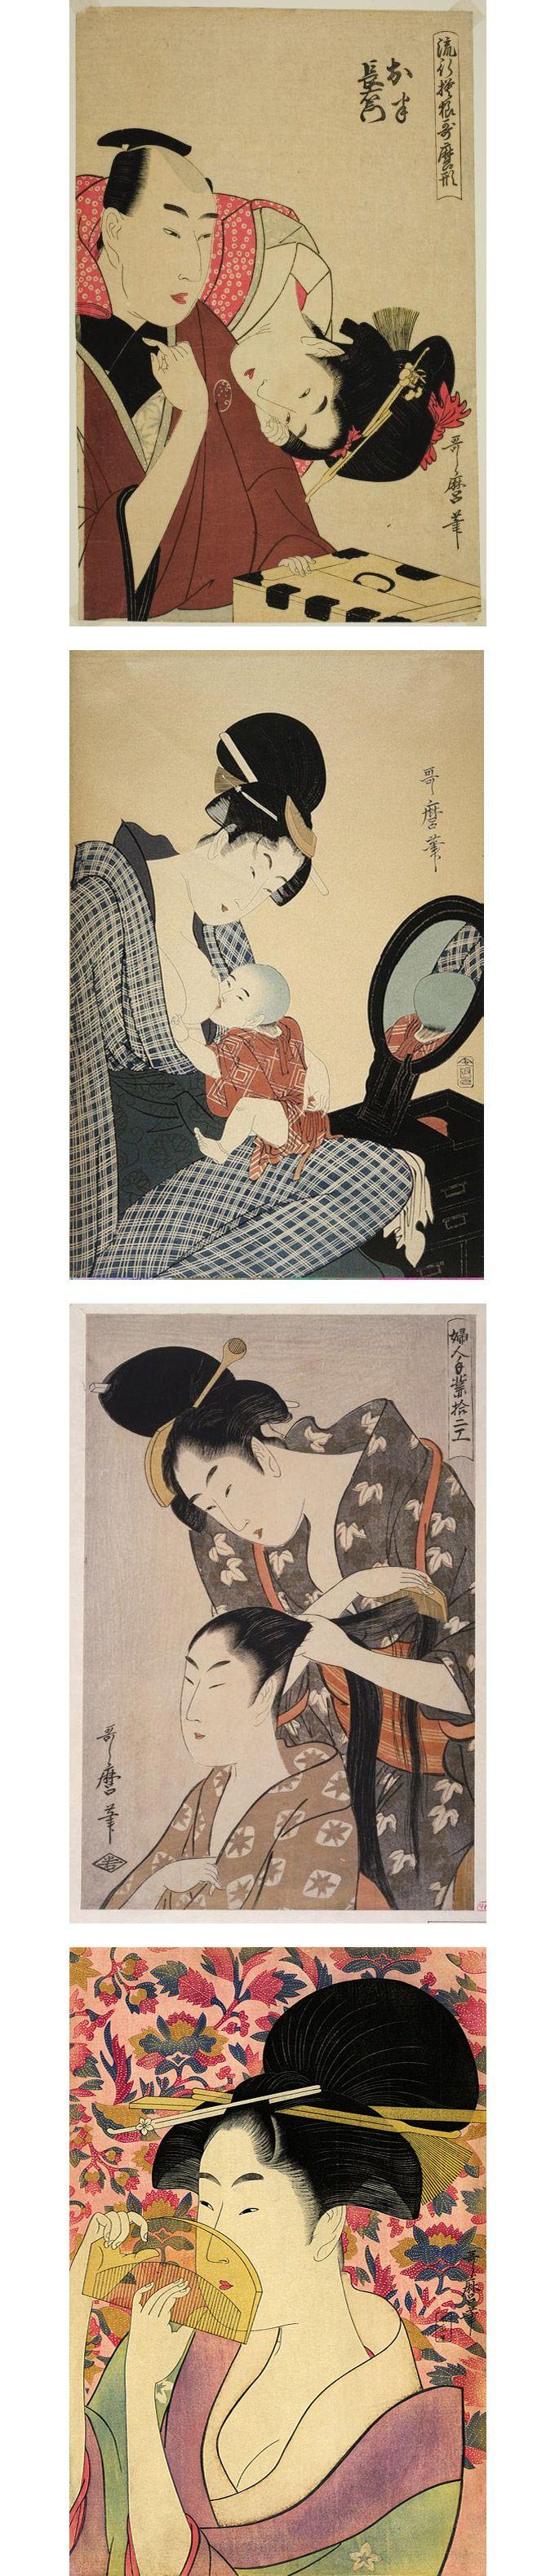 Le donne di Kitagawa Utamaro